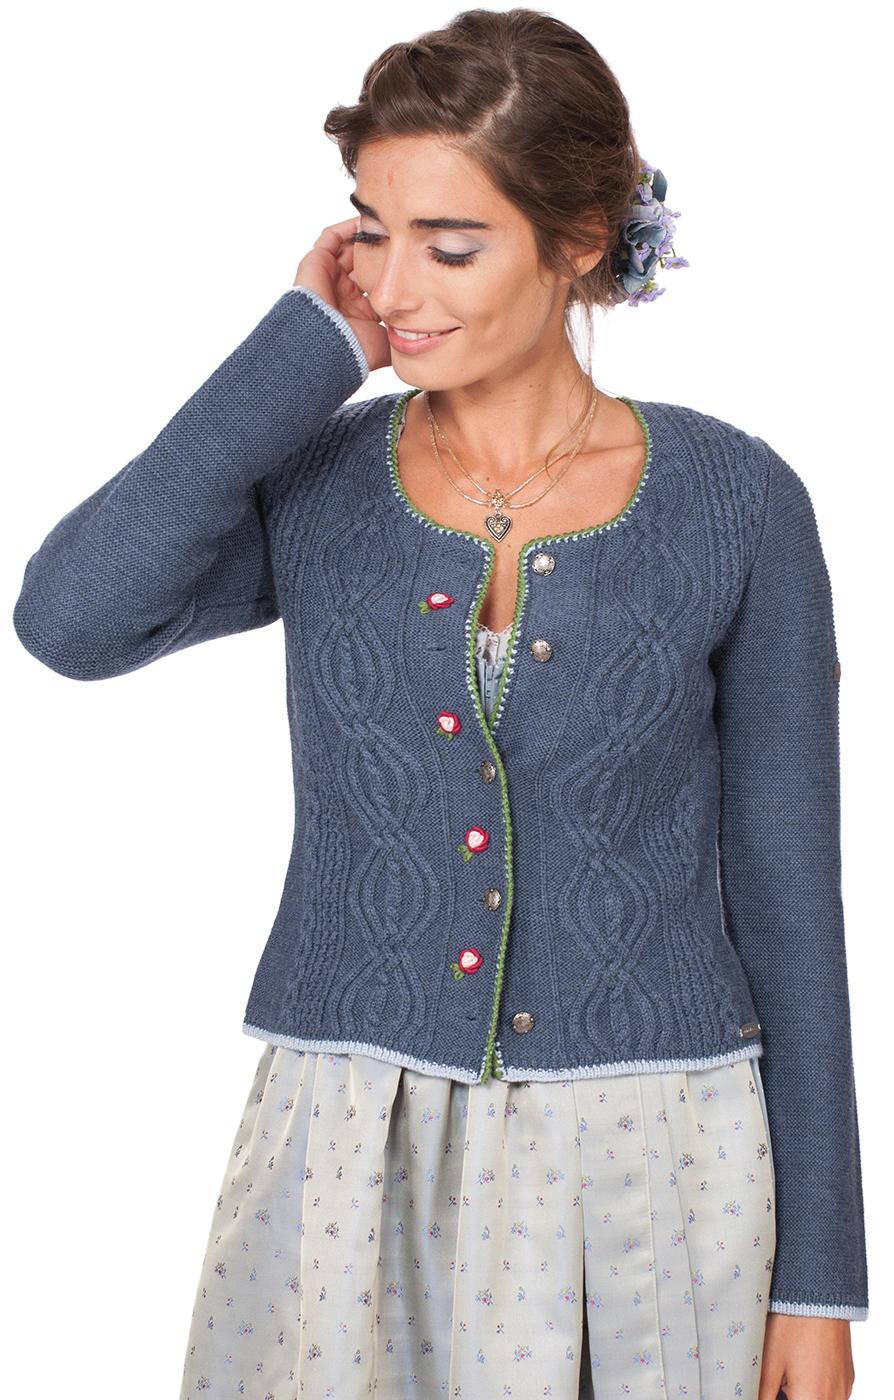 Giacca in maglia per Dirndl Fancy denimblu von Spieth & Wensky